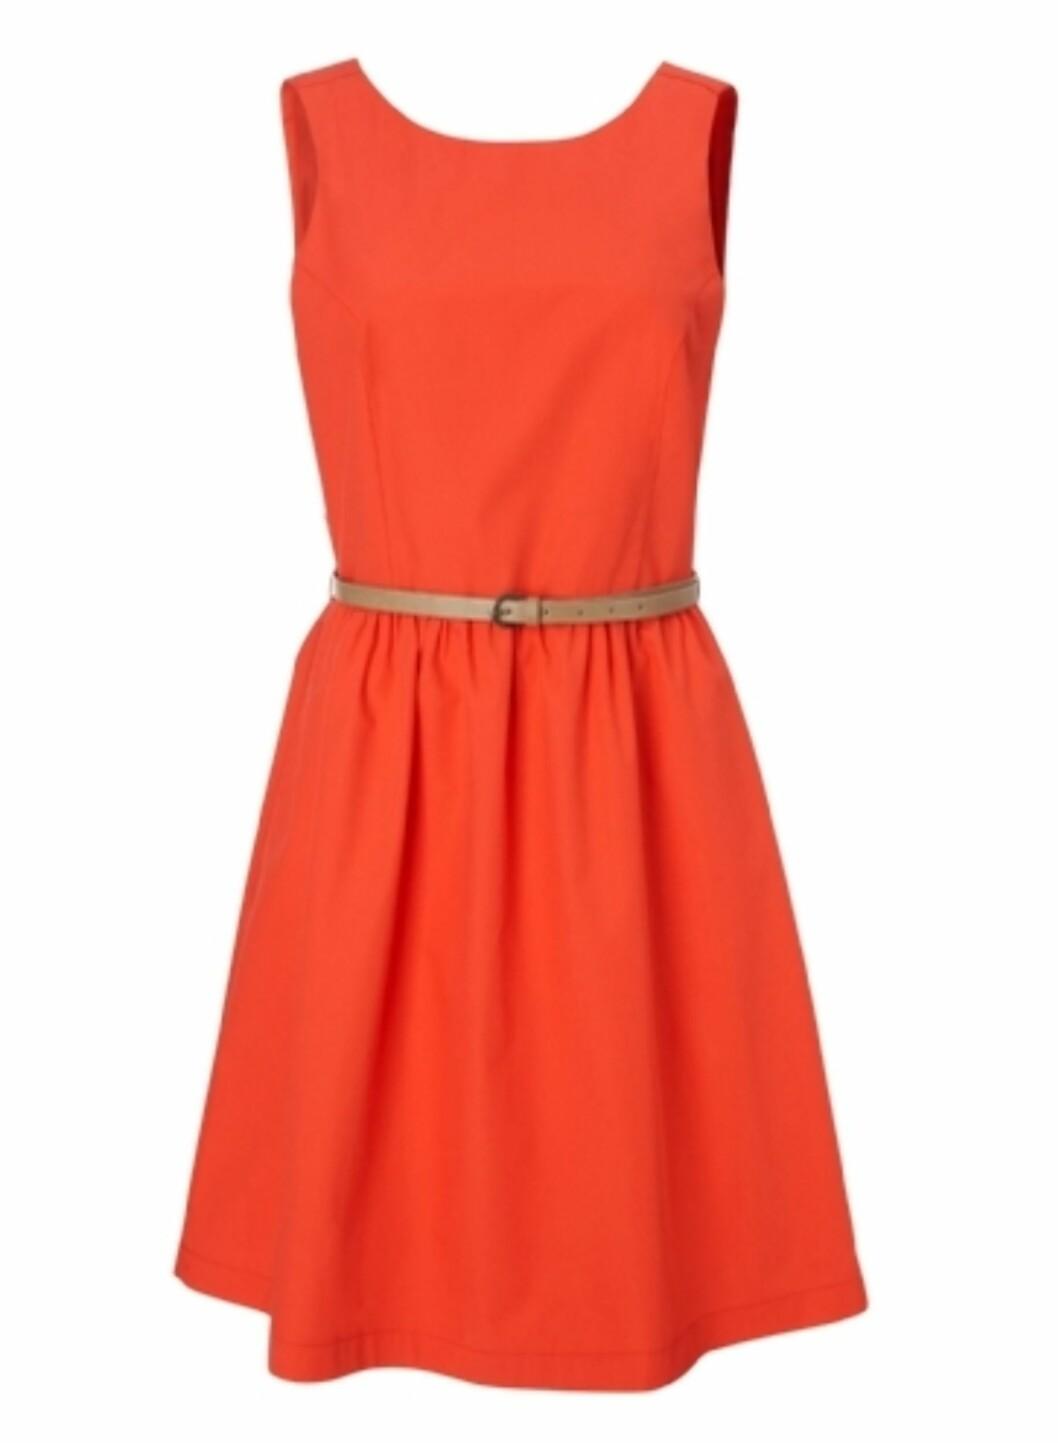 Klassisk kjole i nydelig farge - og i 100 prosent bomull (kr.200/GinaTricot). Foto: Produsenten